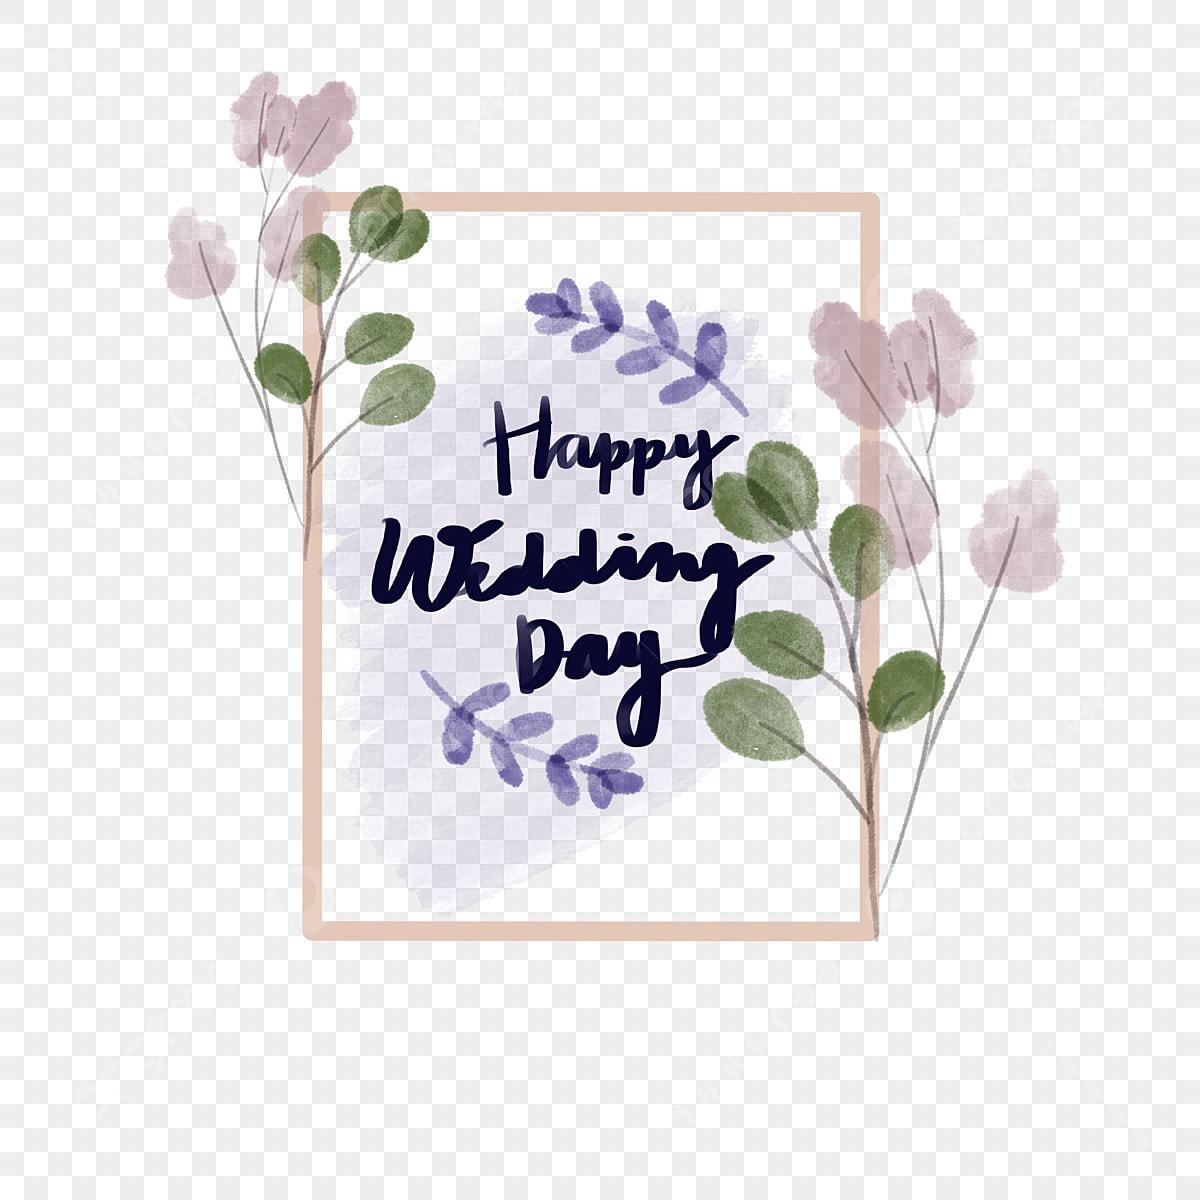 Selamat Hari Pernikahan Salam Pernikahan Cinta Menikah Png Transparan Gambar Clipart Dan File Psd Untuk Unduh Gratis